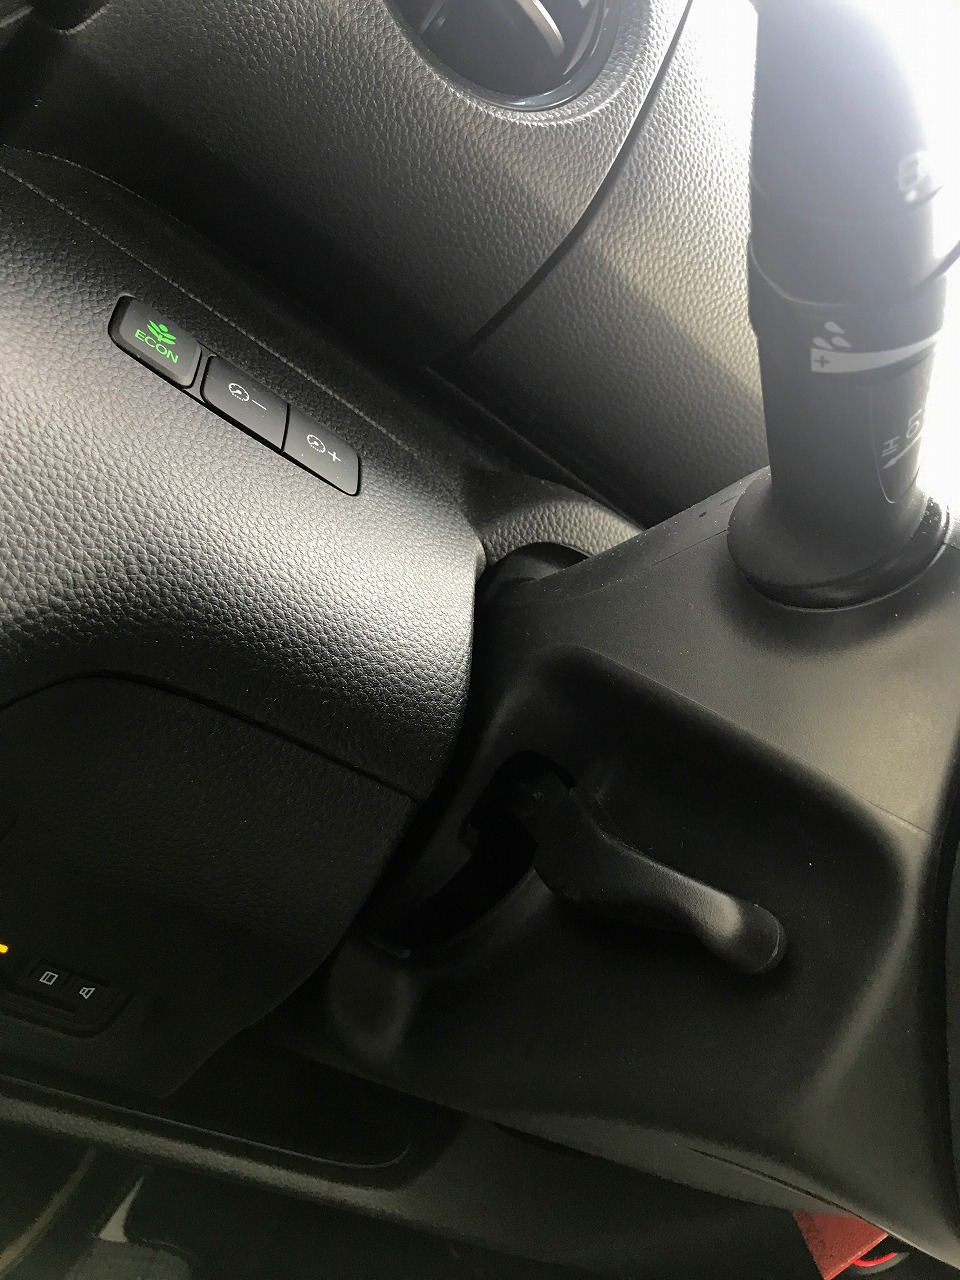 新型N-BOXカスタムターボを運転していて感じる唯一残念なポイント